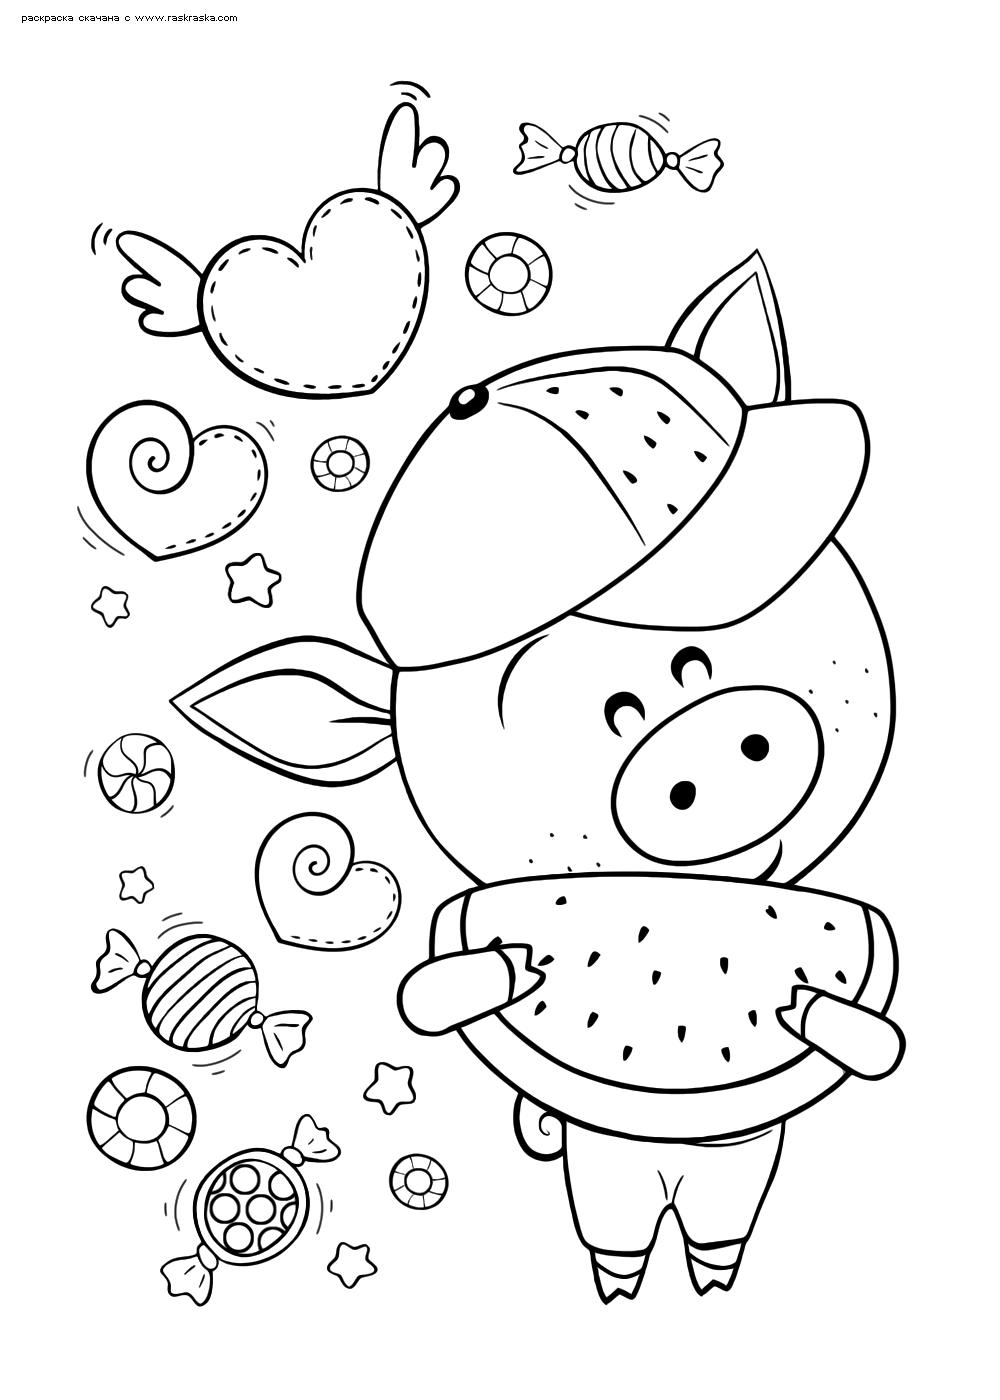 Раскраска Веселый поросенок | Раскраски няшных животных ...